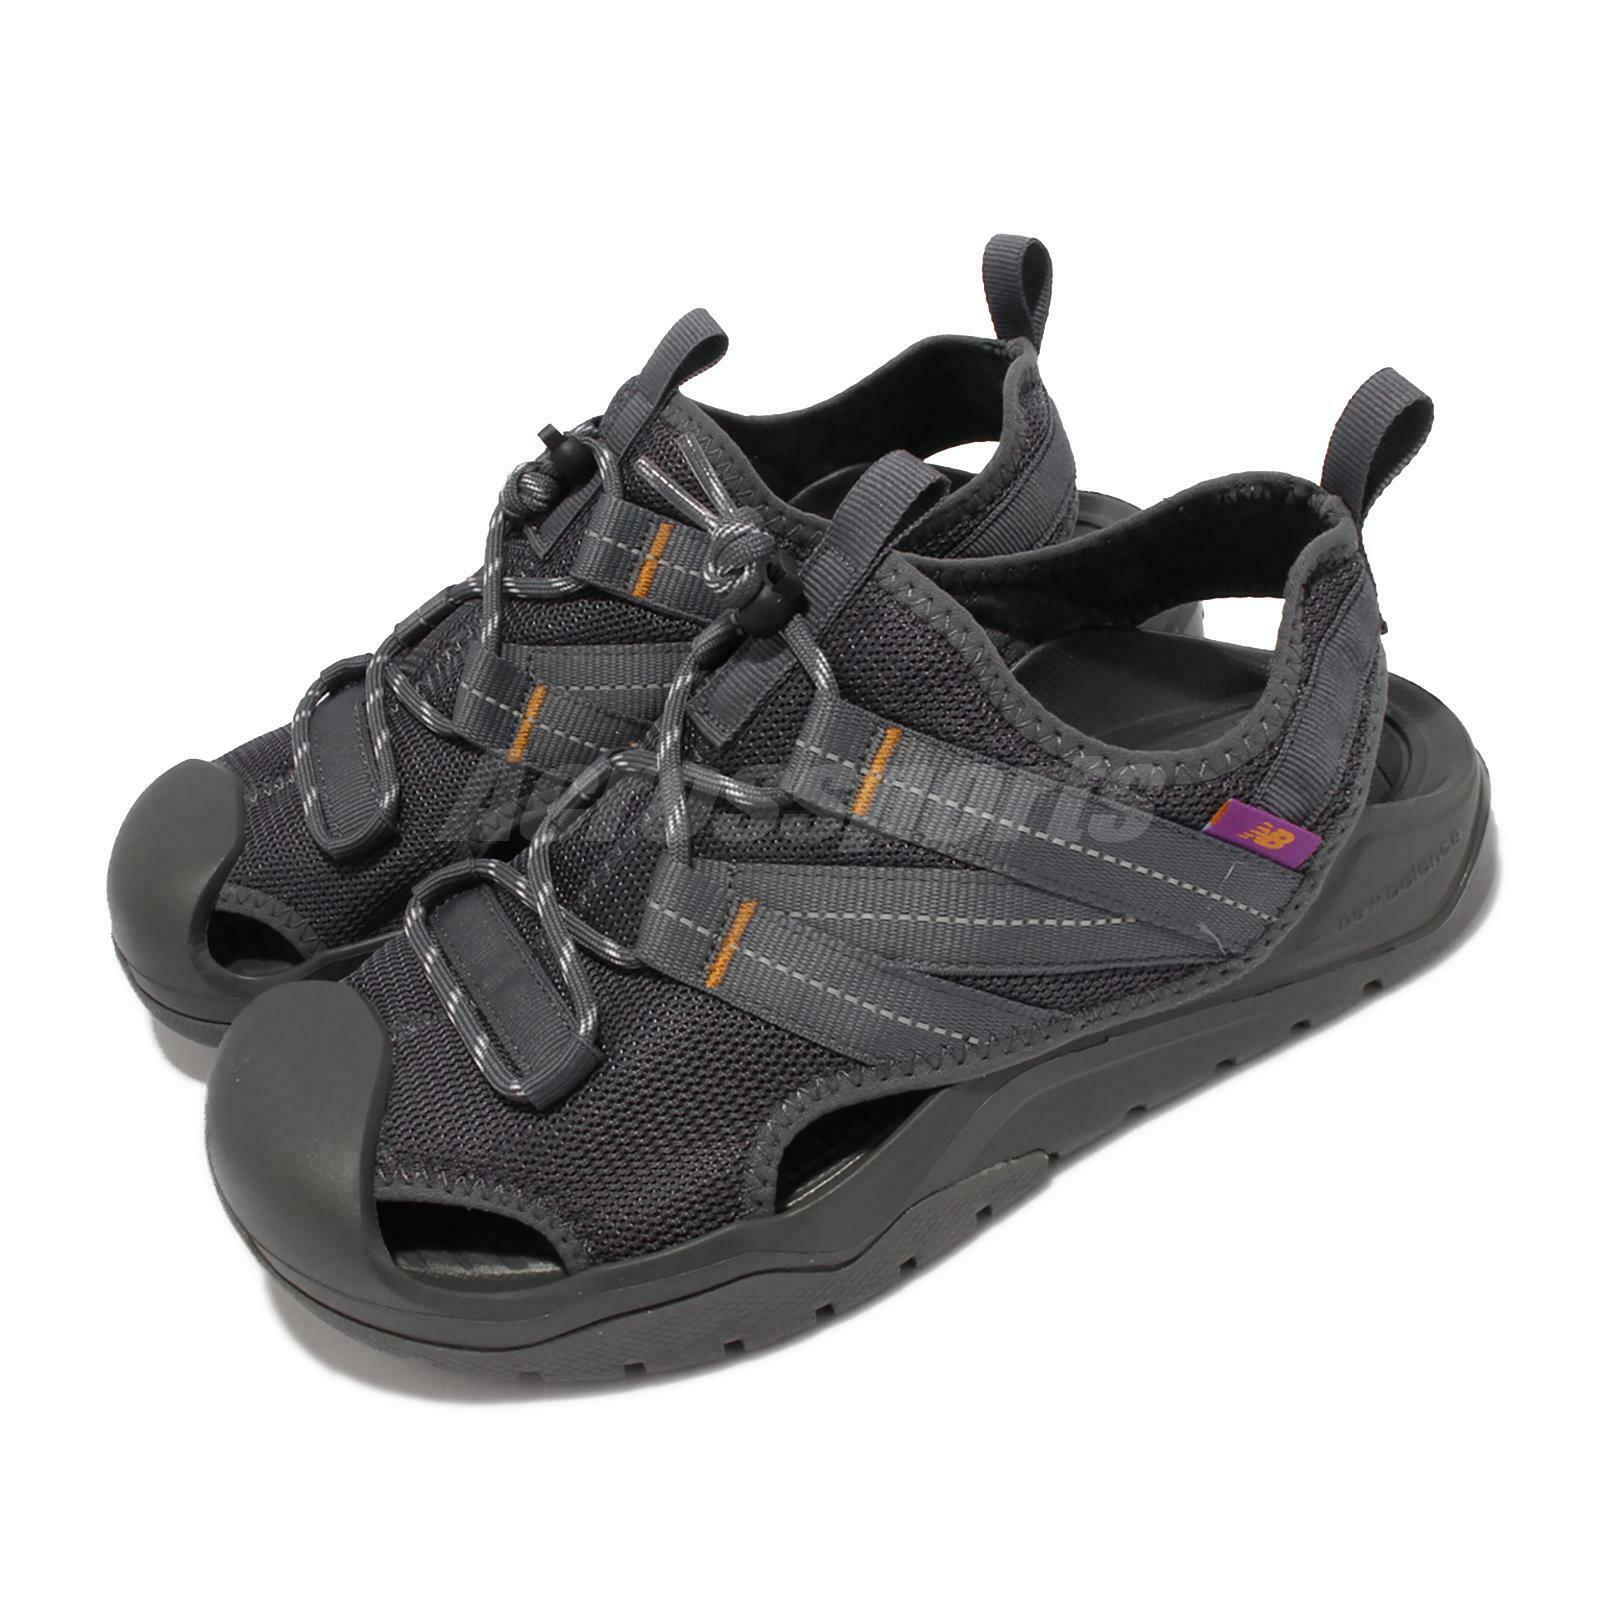 New Balance 4205 NB Grey Men Unisex Slip On Sandal Shoes SD4205GR-M